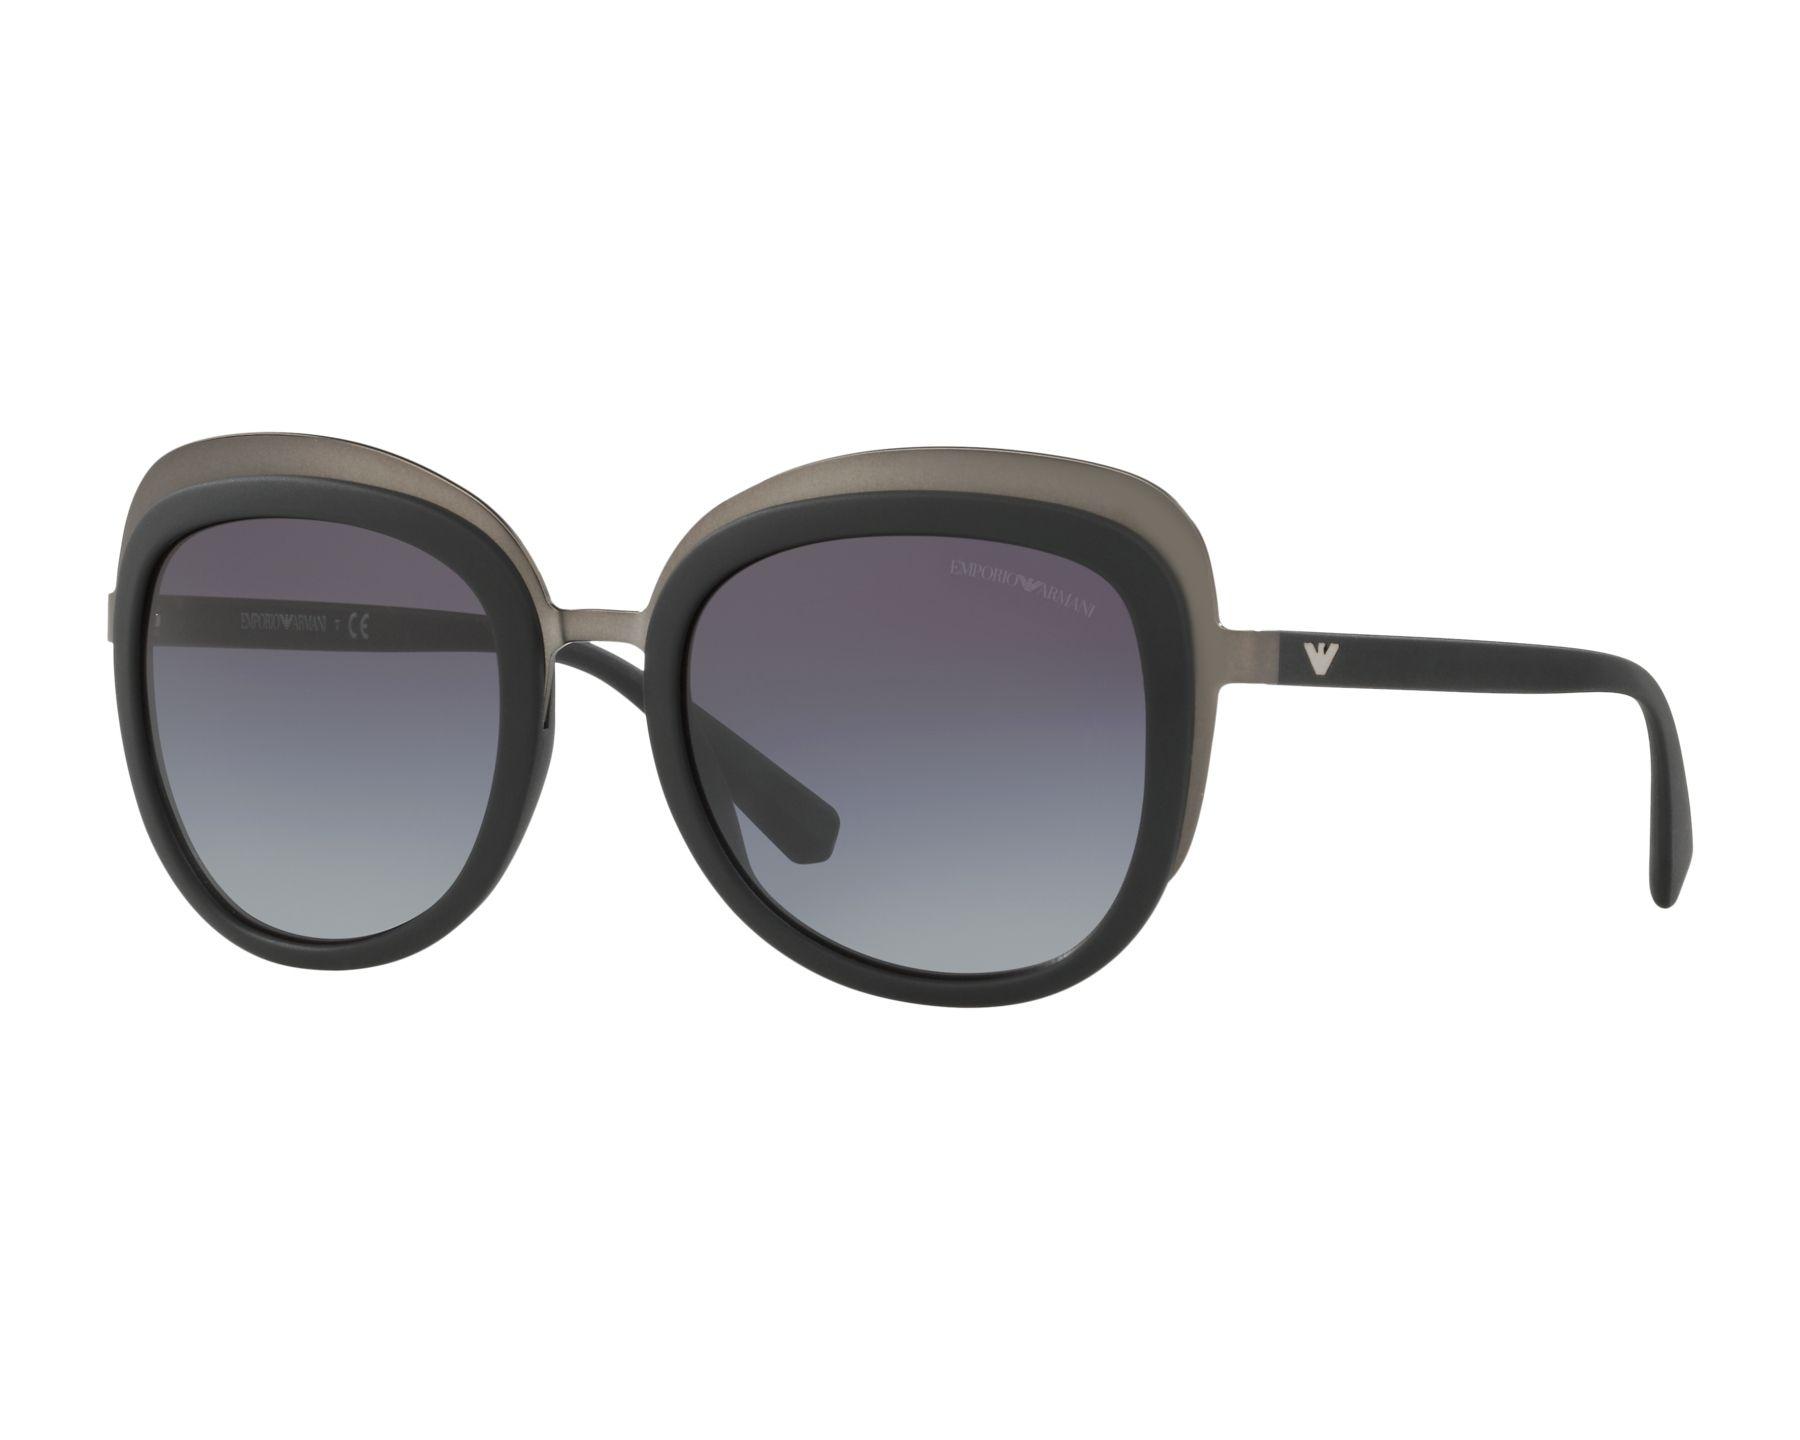 Sunglasses Emporio Armani EA-2058 30108G 53-21 Black Gun b932d64464c8